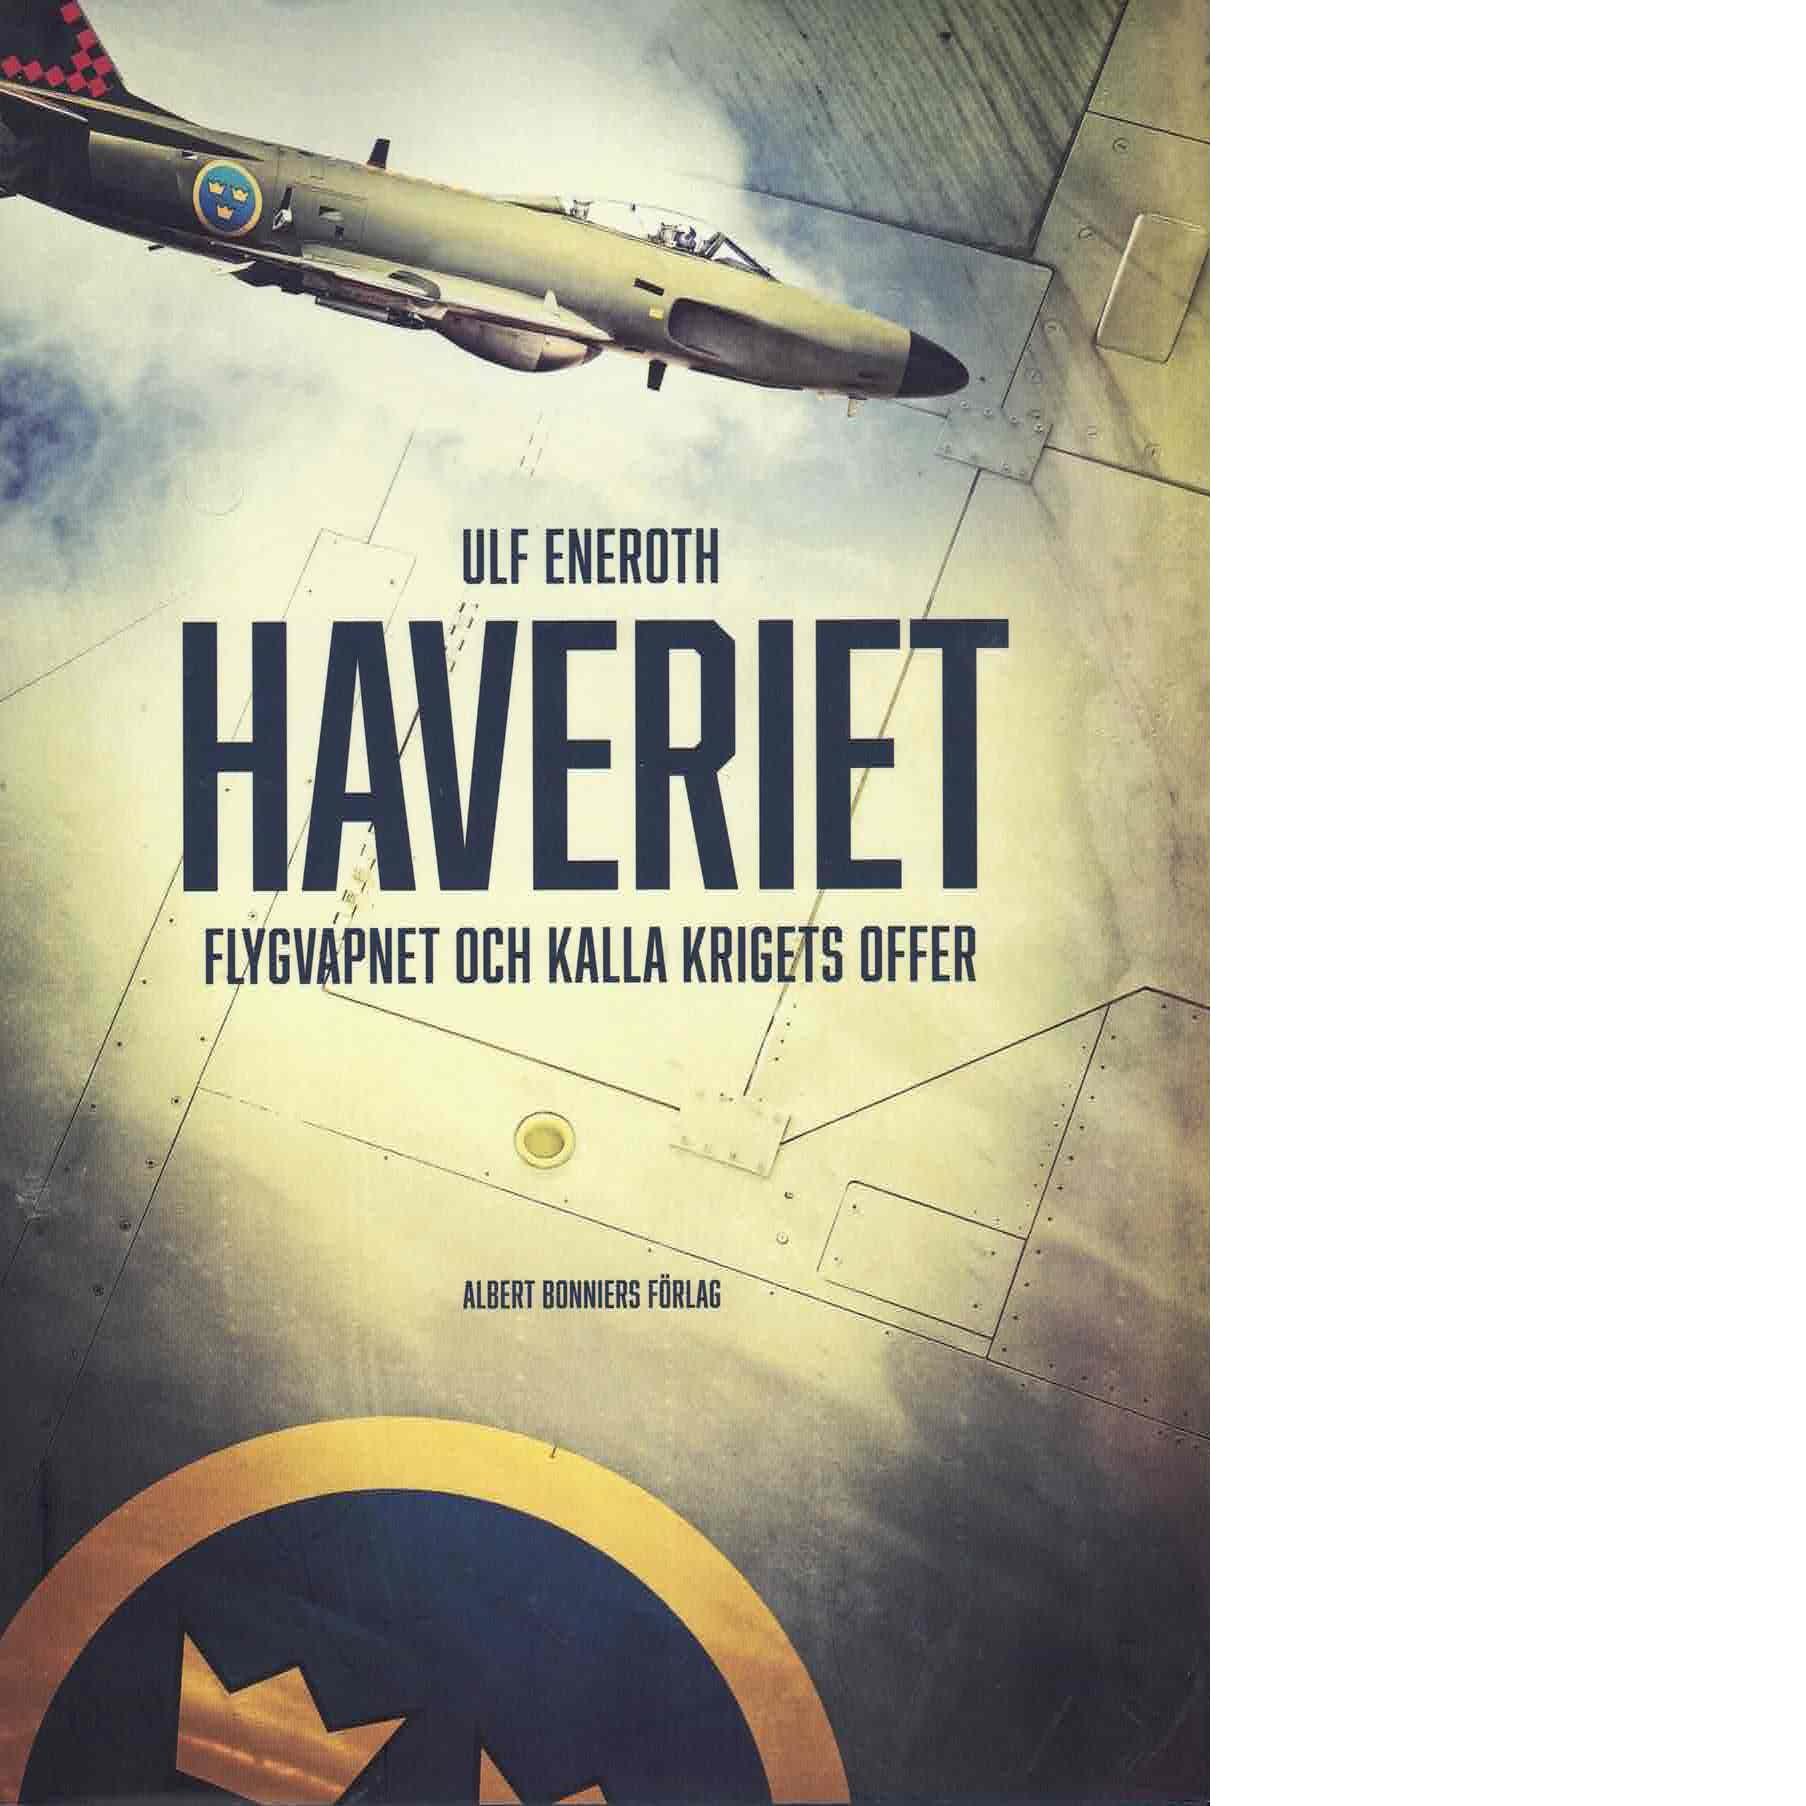 Haveriet : flygvapnet och kalla krigets offer - Eneroth, Ulf